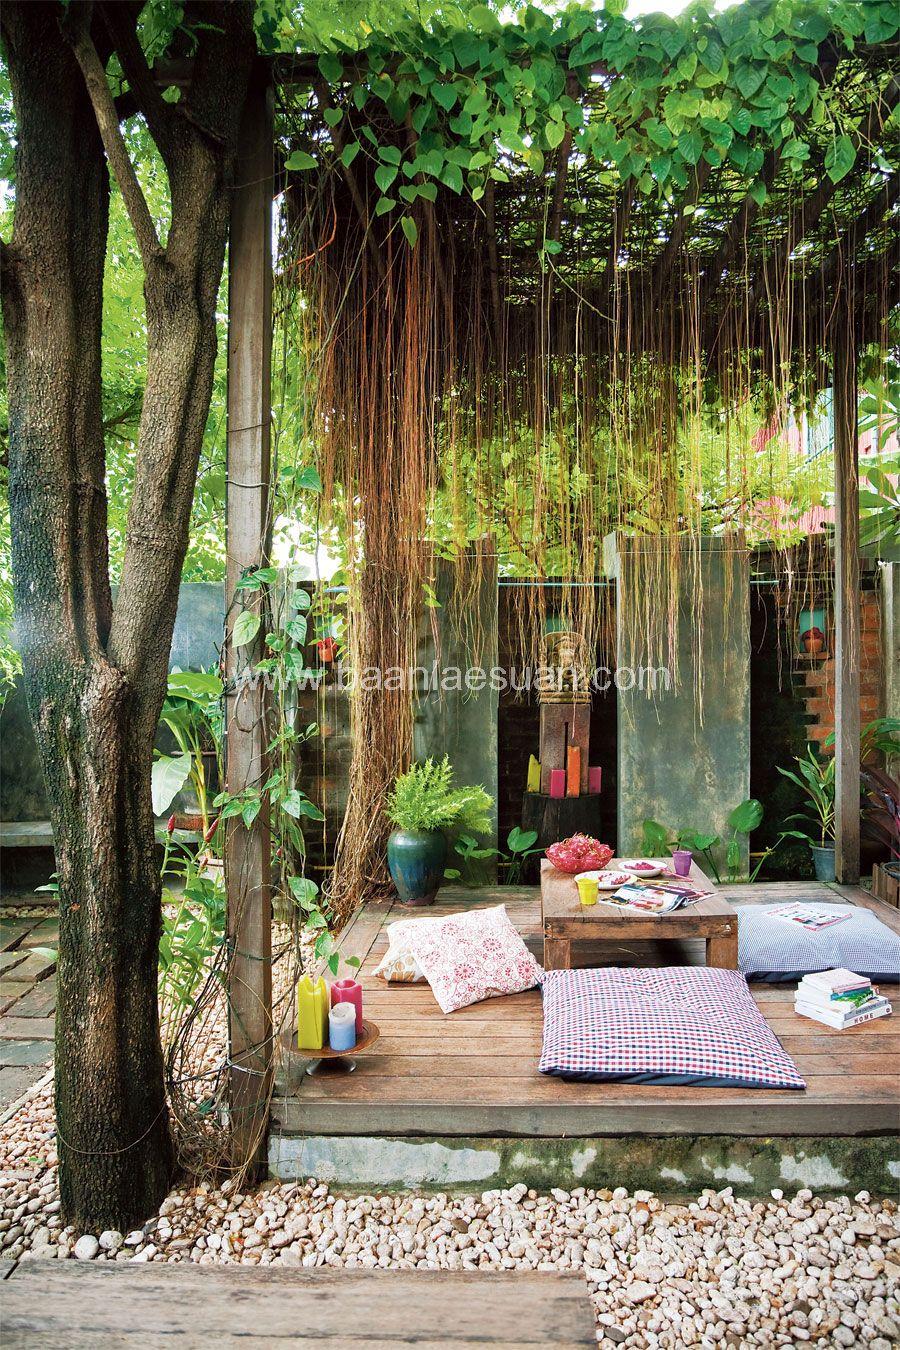 การเลือกใช้ไม้เลื้อยอย่างม่านบาหลีช่วยจัดสรรพื้นที่ในสวนได้เป็นอย่าง ...